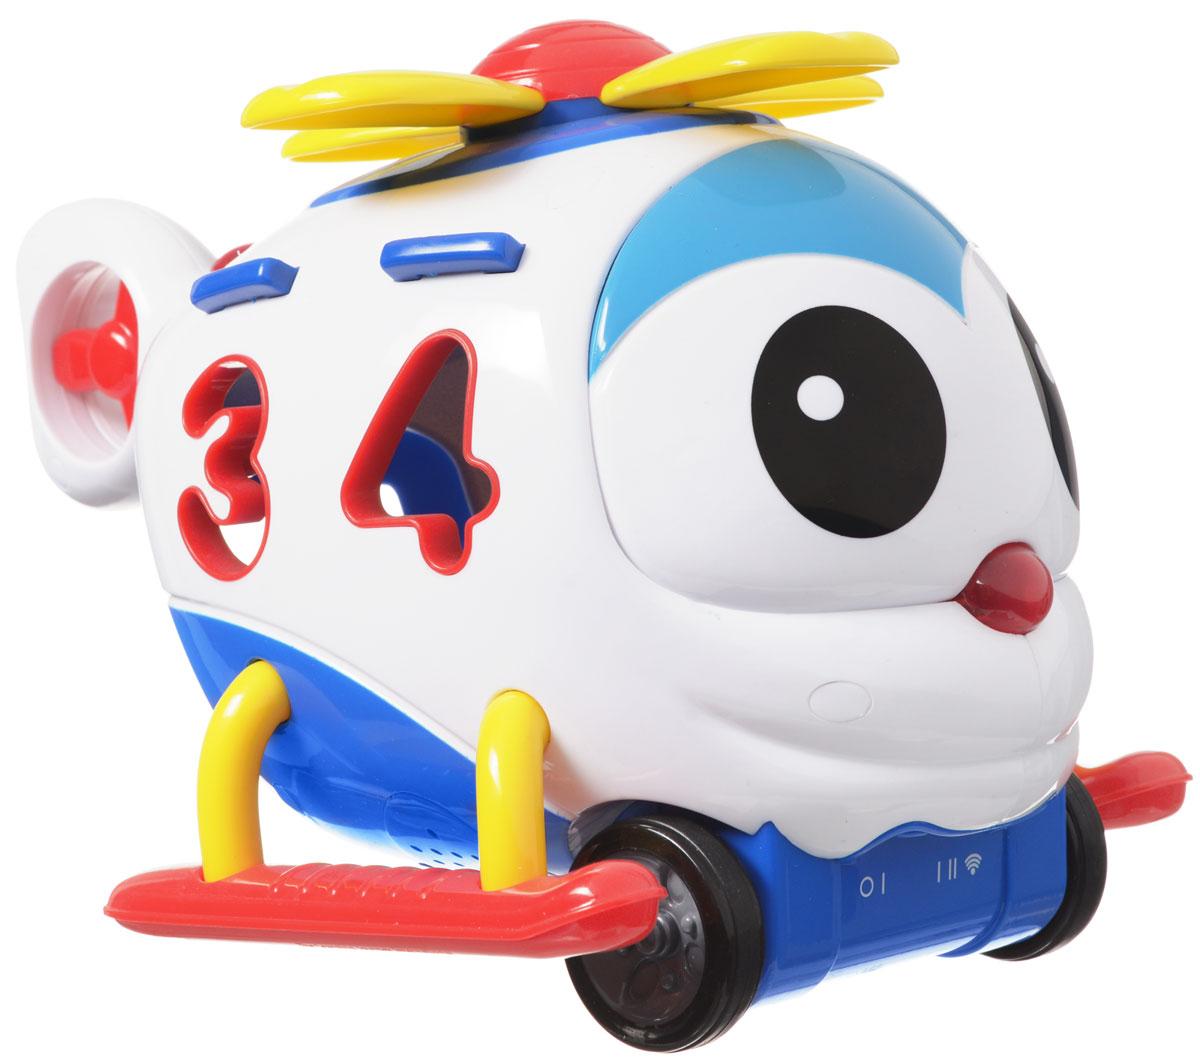 """Развивающая игрушка Learning Journey """"Умный вертолетик"""" - это многофункциональное устройство на дистанционном управлении, которое обязательно понравится вашему малышу. Вертолетик может работать в 3-х режимах - как сортер, как развивающая и как дистанционно управляемая игрушка. Малыш познакомится с цифрами и цветами, разовьет свои логические и моторные навыки. Вертолетик издает забавные звуки и проигрывает веселые мелодии, его колесики вращаются, а забавный носик загорается. Движение вперед и назад, функция автоматического выключения, удобный отсек для хранения цифр. В комплекте: вертолетик, пульт управления, 4 цифры. Игрушка разработана для детей от полутора лет. Для работы игрушки необходимы 3 батарейки типа АА (не входят в комплект). Для работы пульта управления необходимы 2 батарейки типа АА (не входят в комплект)."""